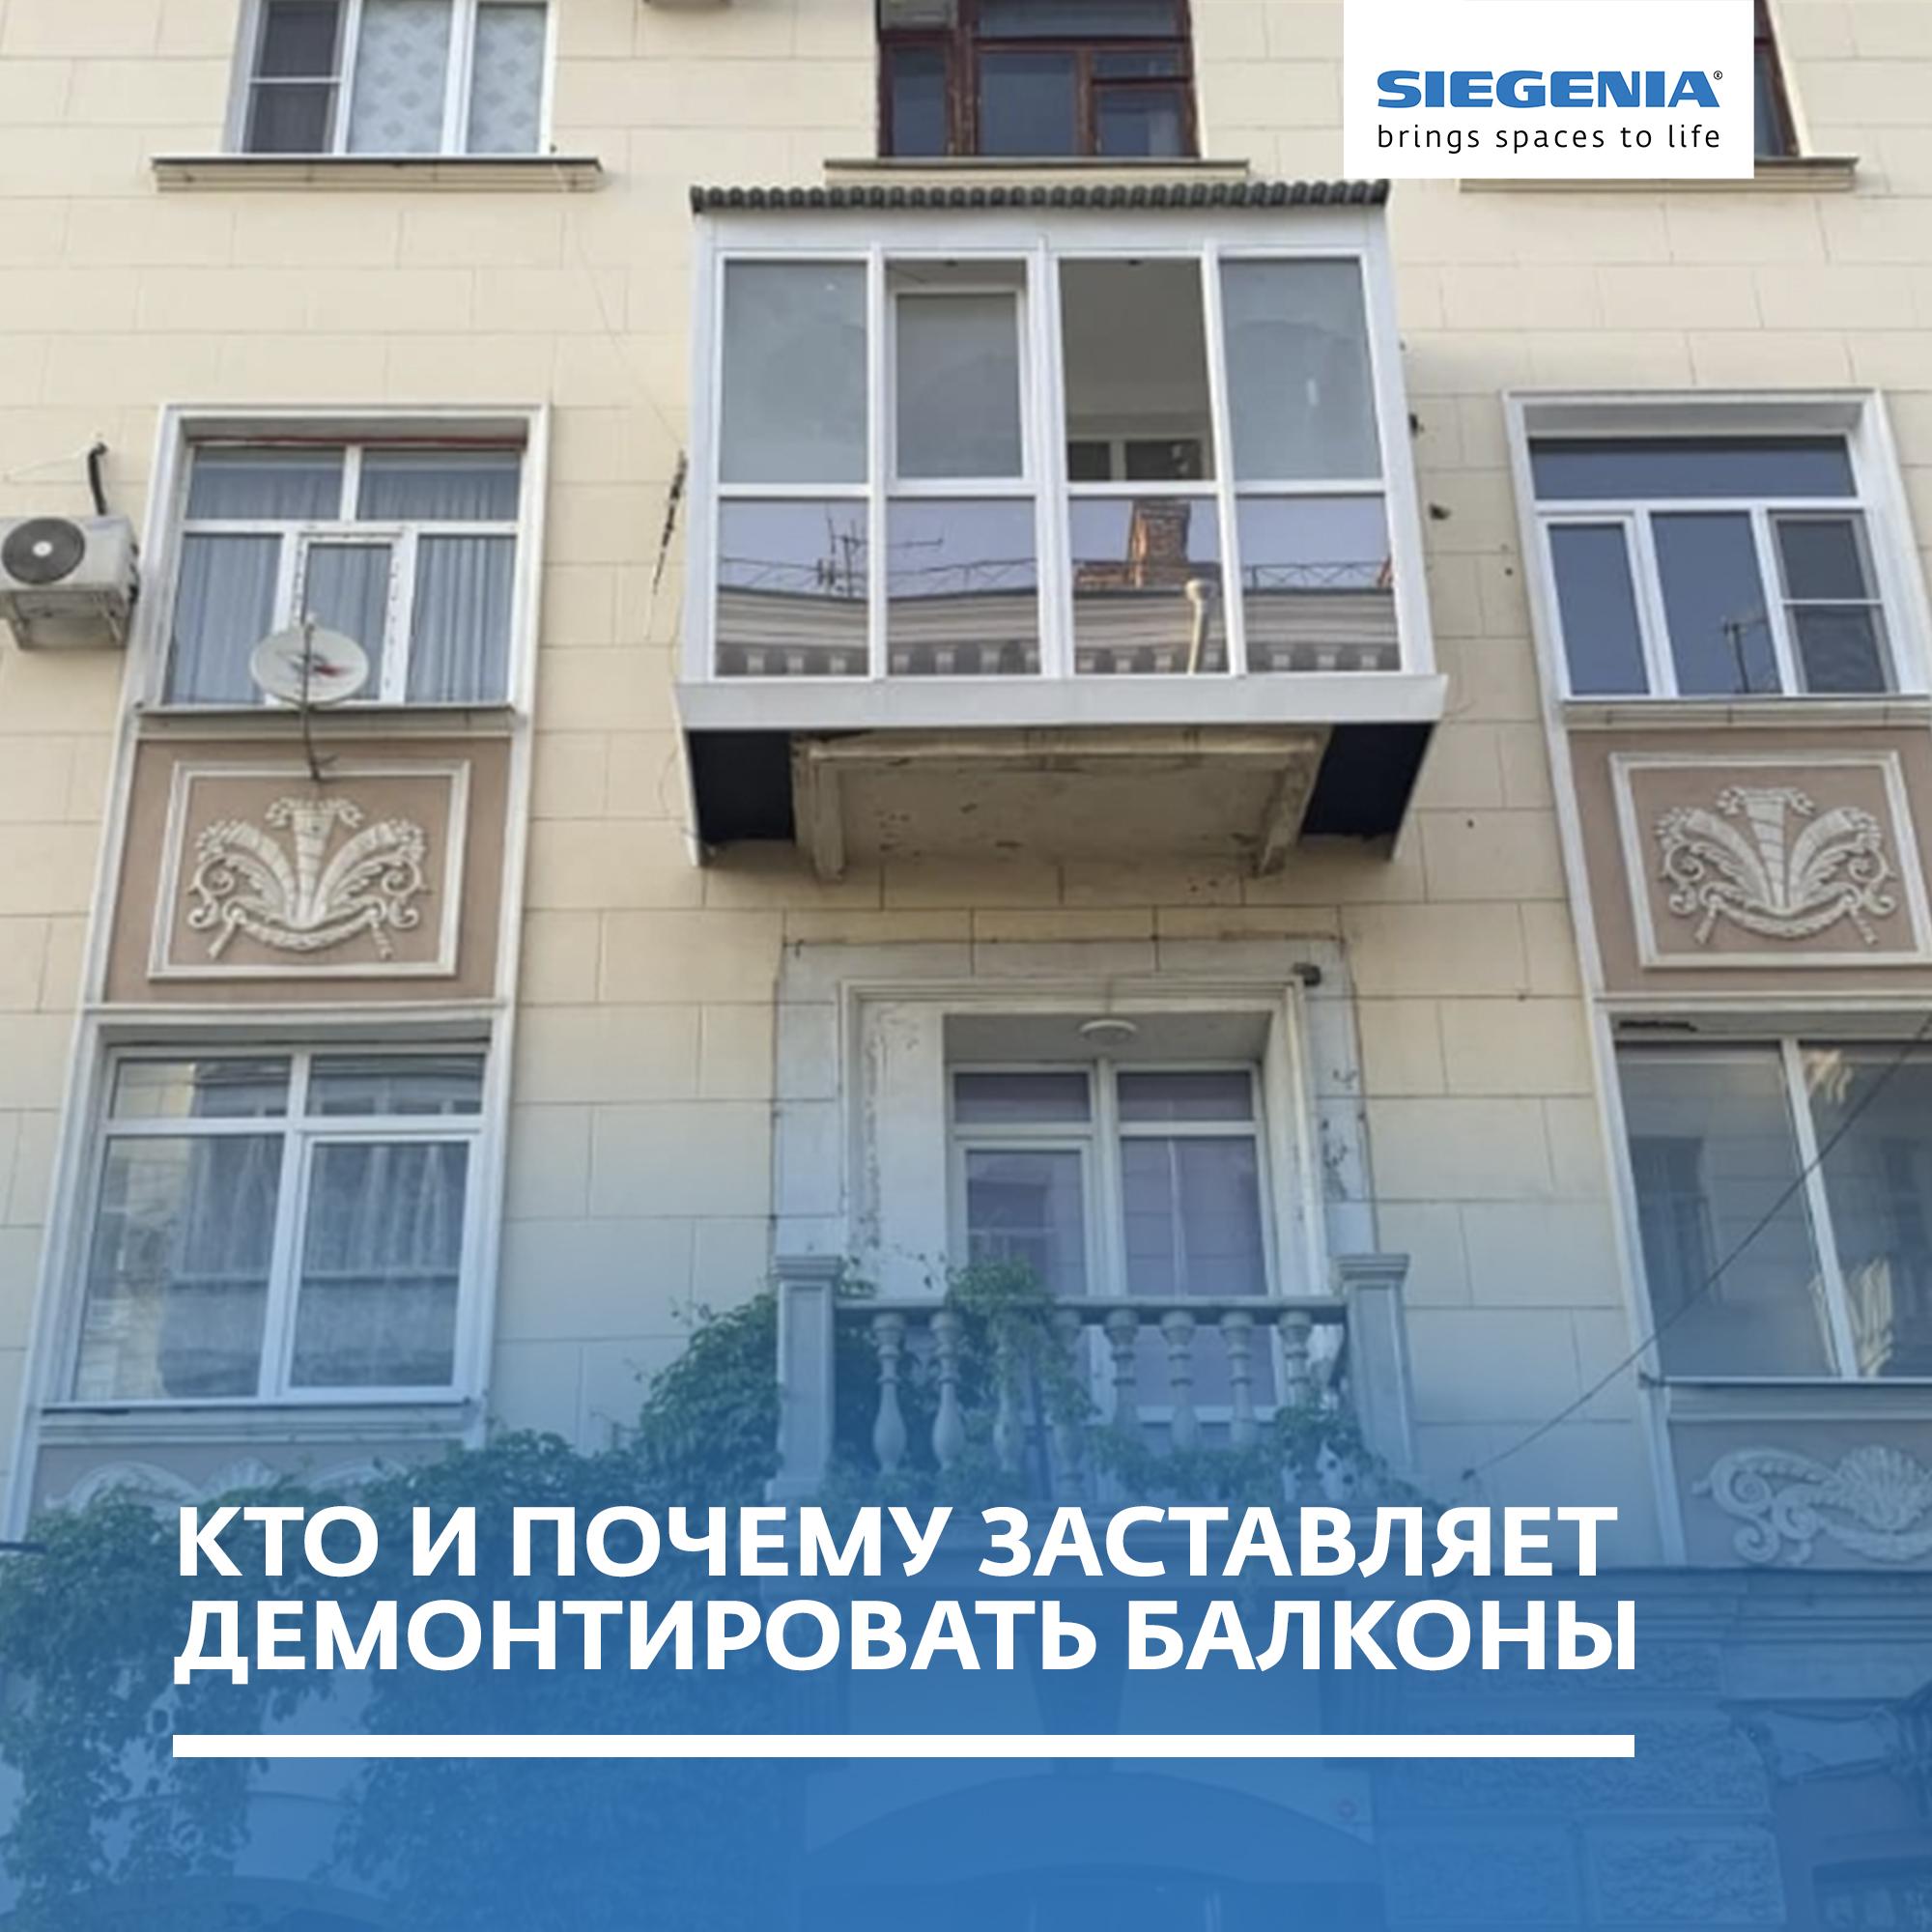 nezakonnoe-osteklenie-balkonov-chto-delat-chtoby-sohranit-balkon-v-2021-godu